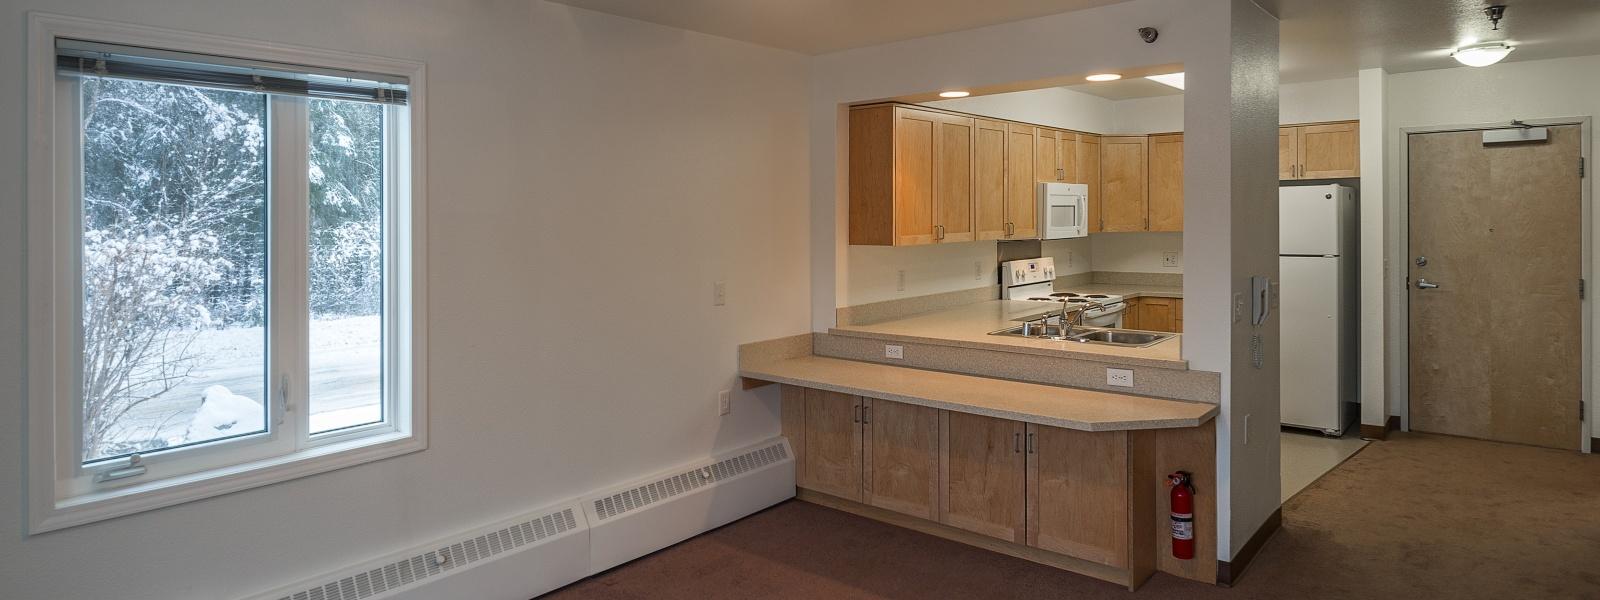 9131 Centennial Circle, Anchorage, Alaska, 99504, 1 Bedroom Bedrooms, ,1 BathroomBathrooms,Apartment,For Rent,Centennial Circle,1013